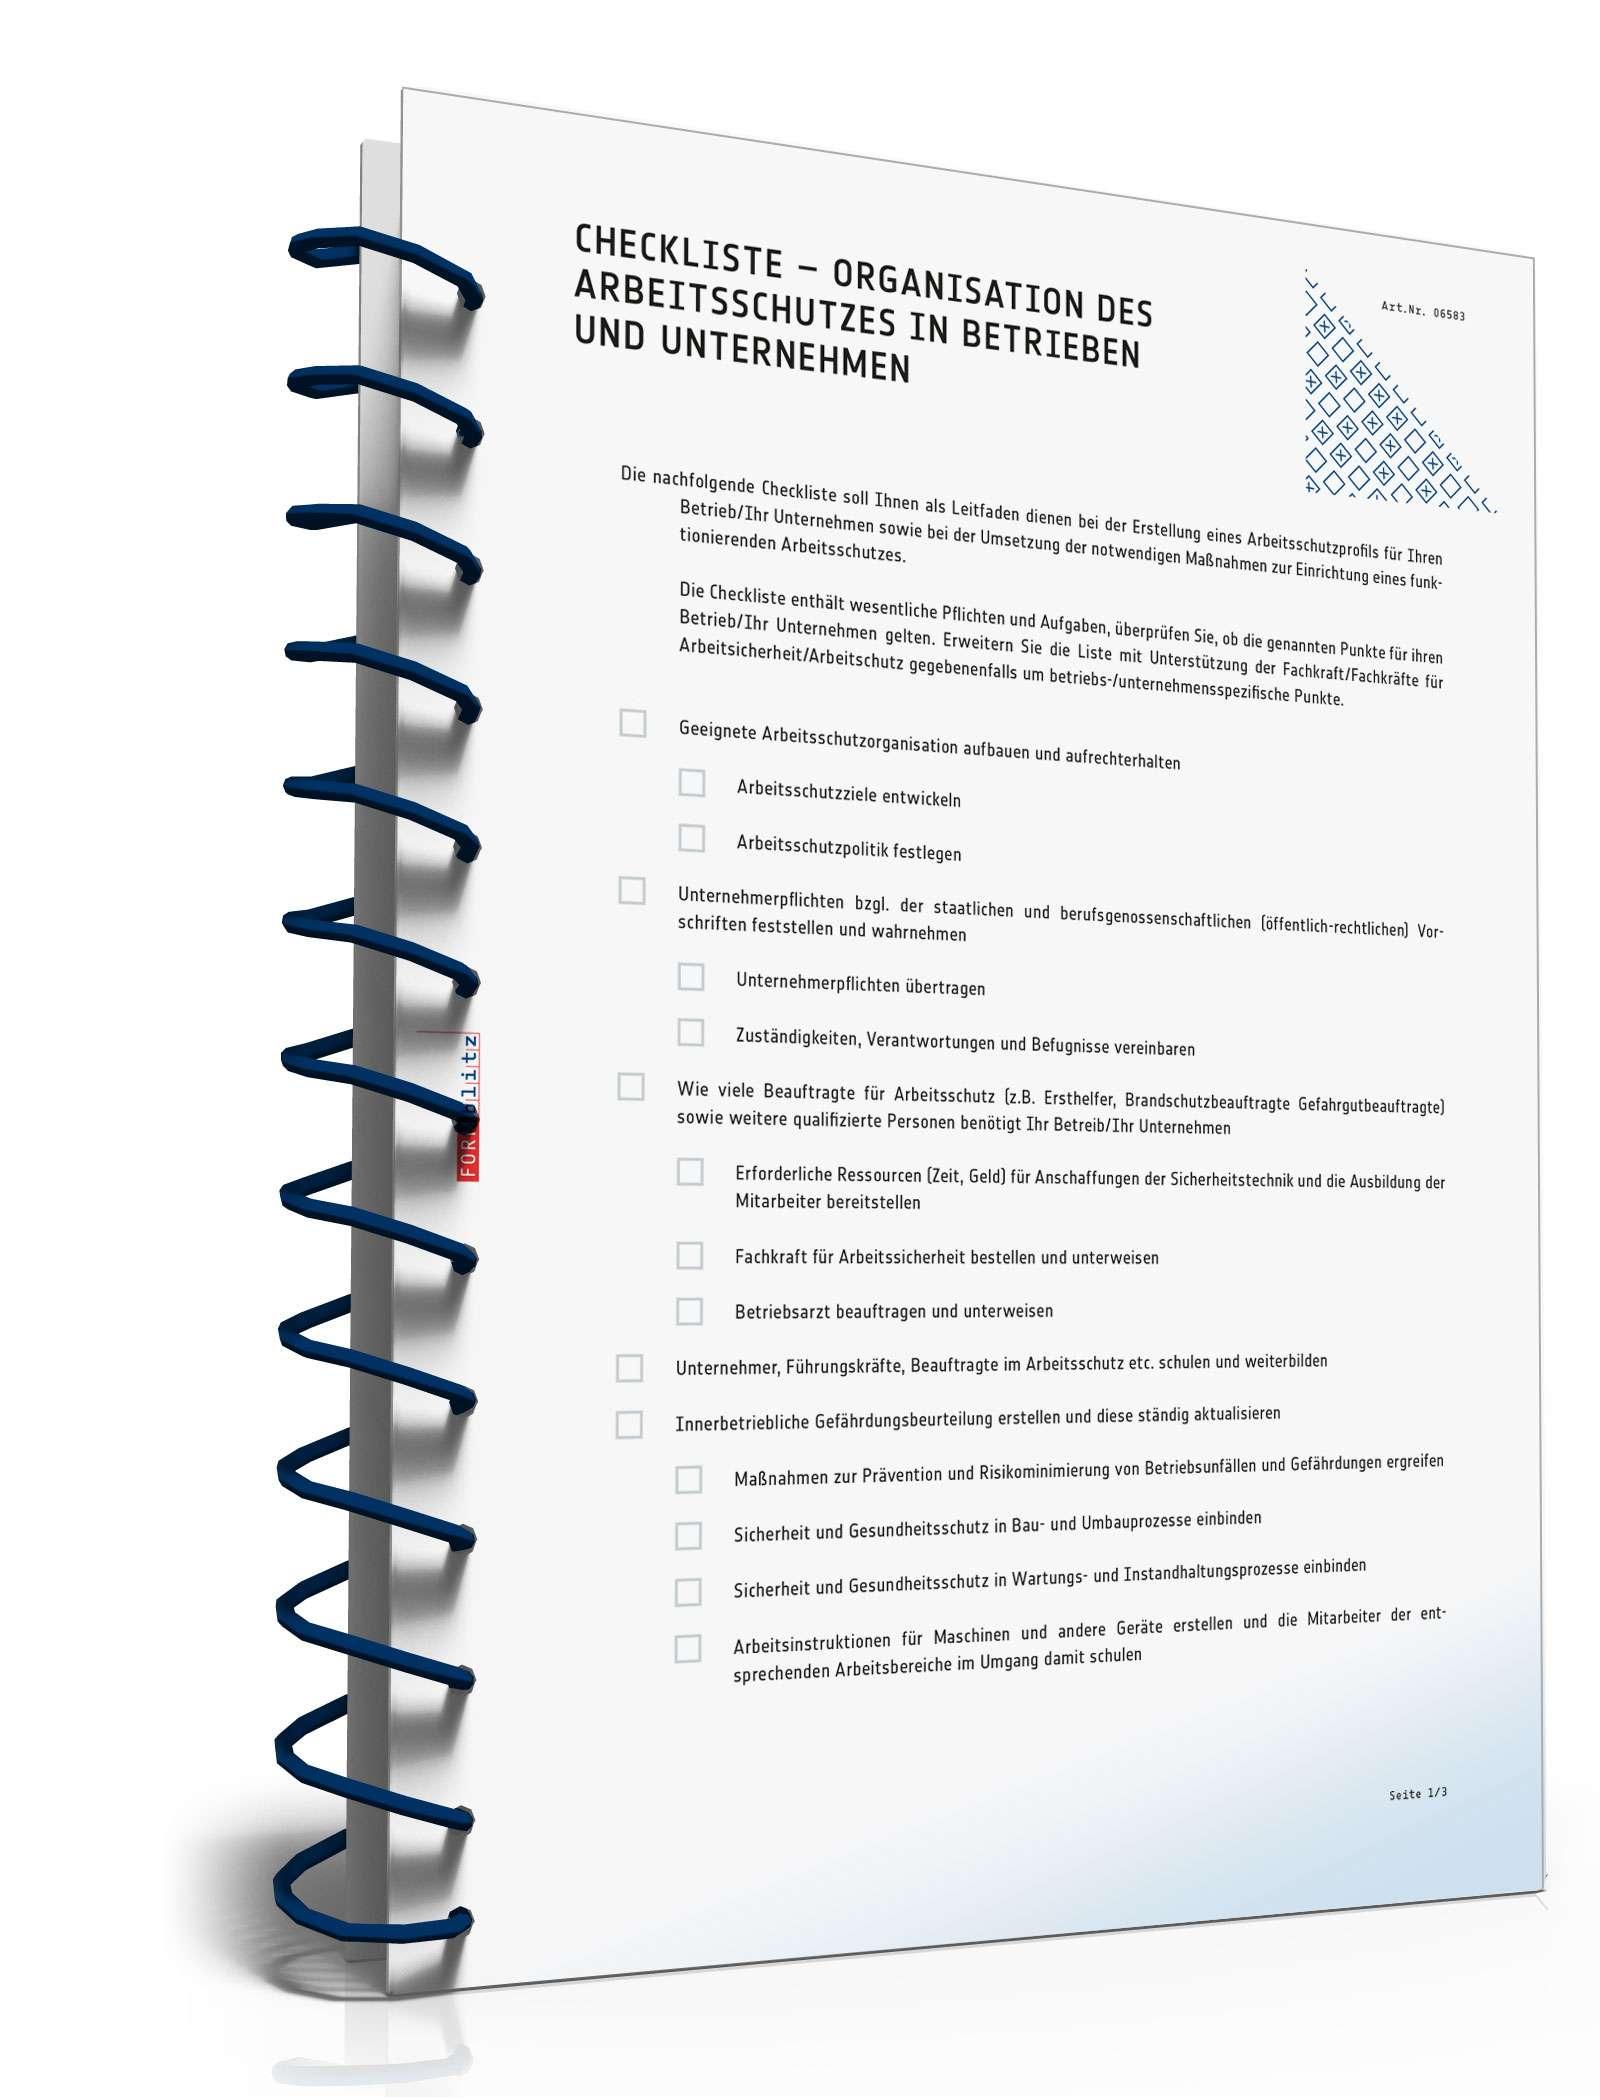 Fein Checklisten Vorlage Bereitstellen Bilder - Beispiel Business ...